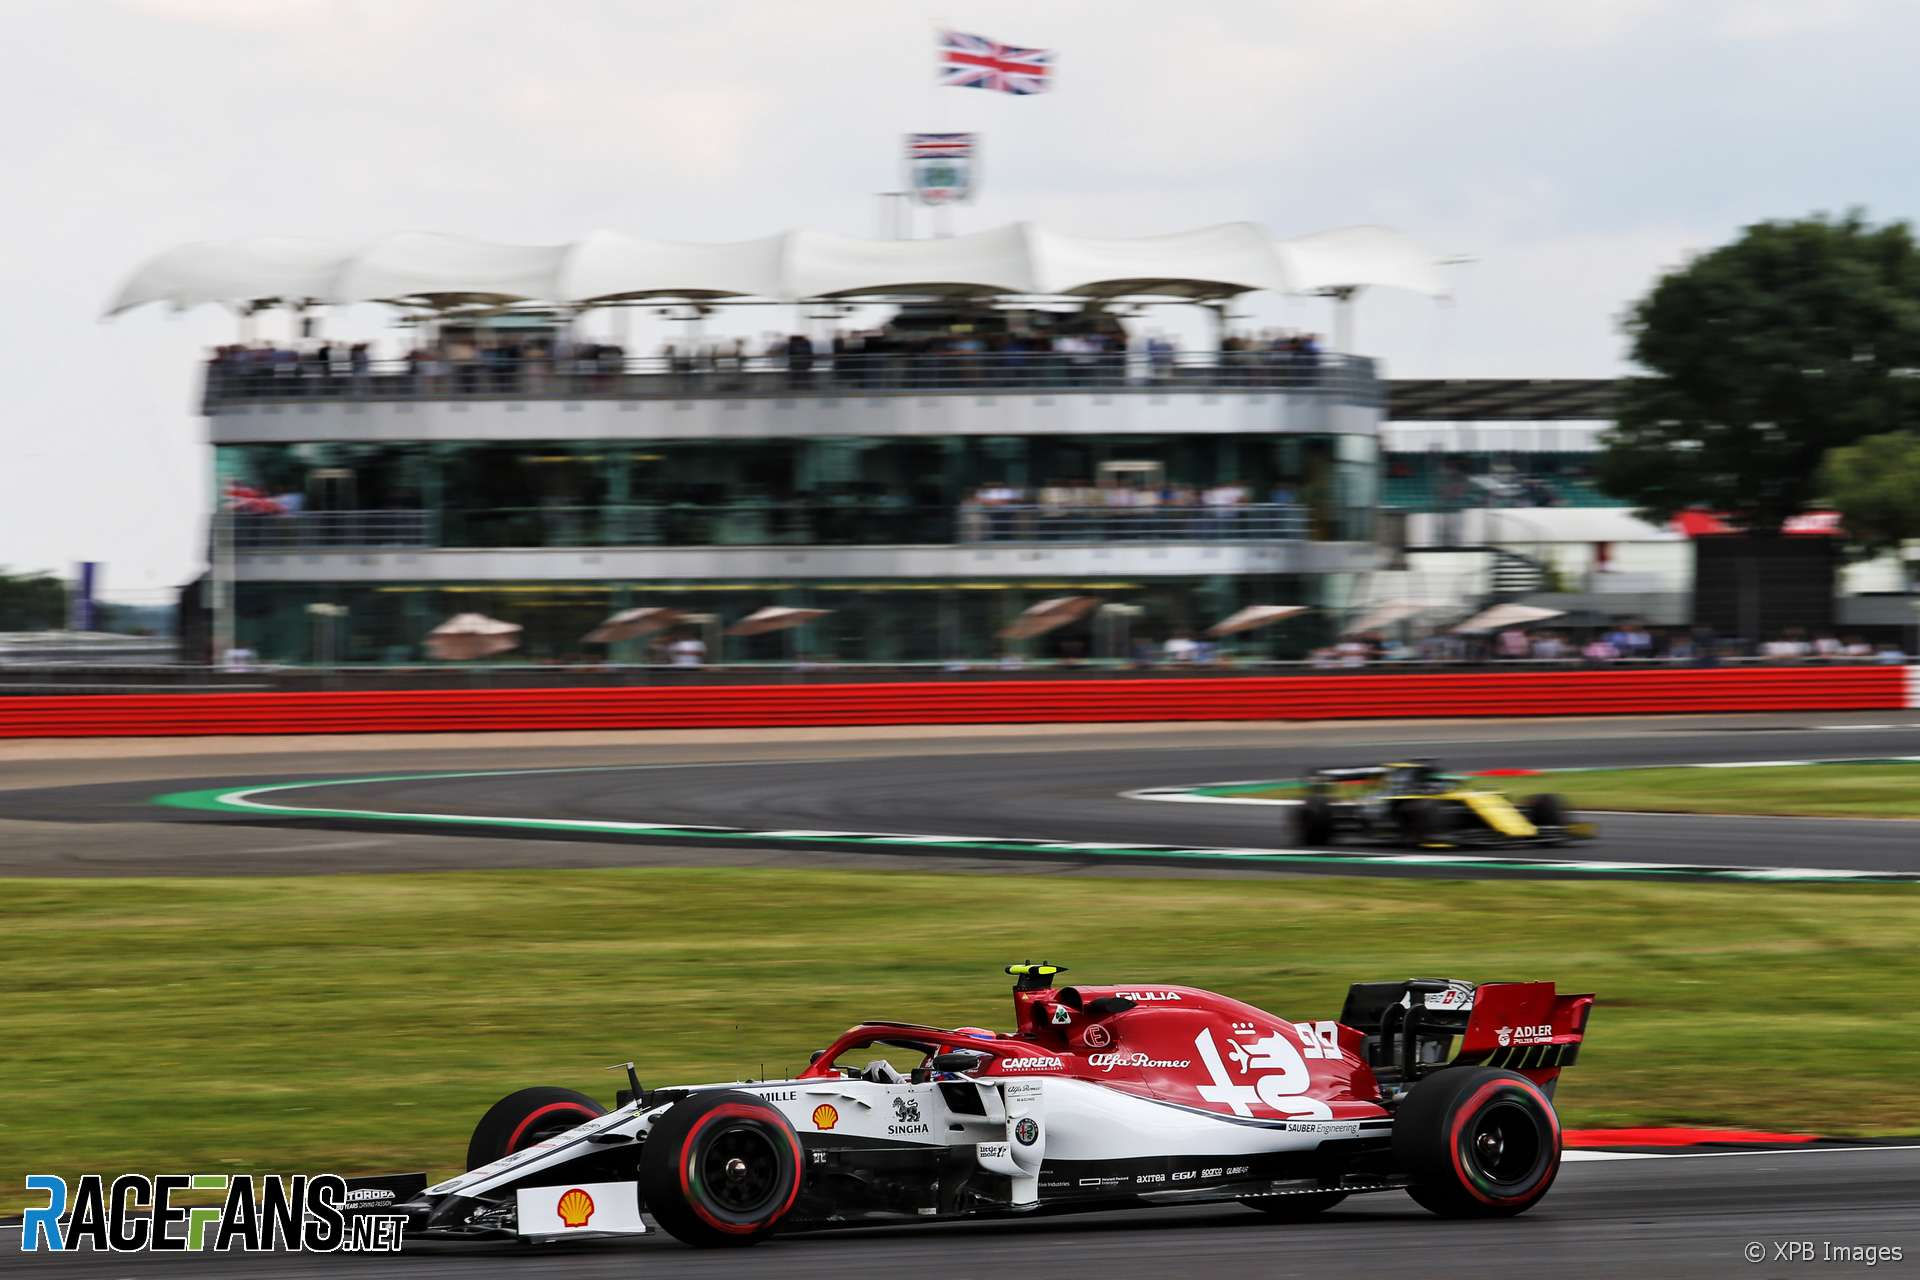 Antonio Giovinazzi, Alfa Romeo, Silverstone, 2019